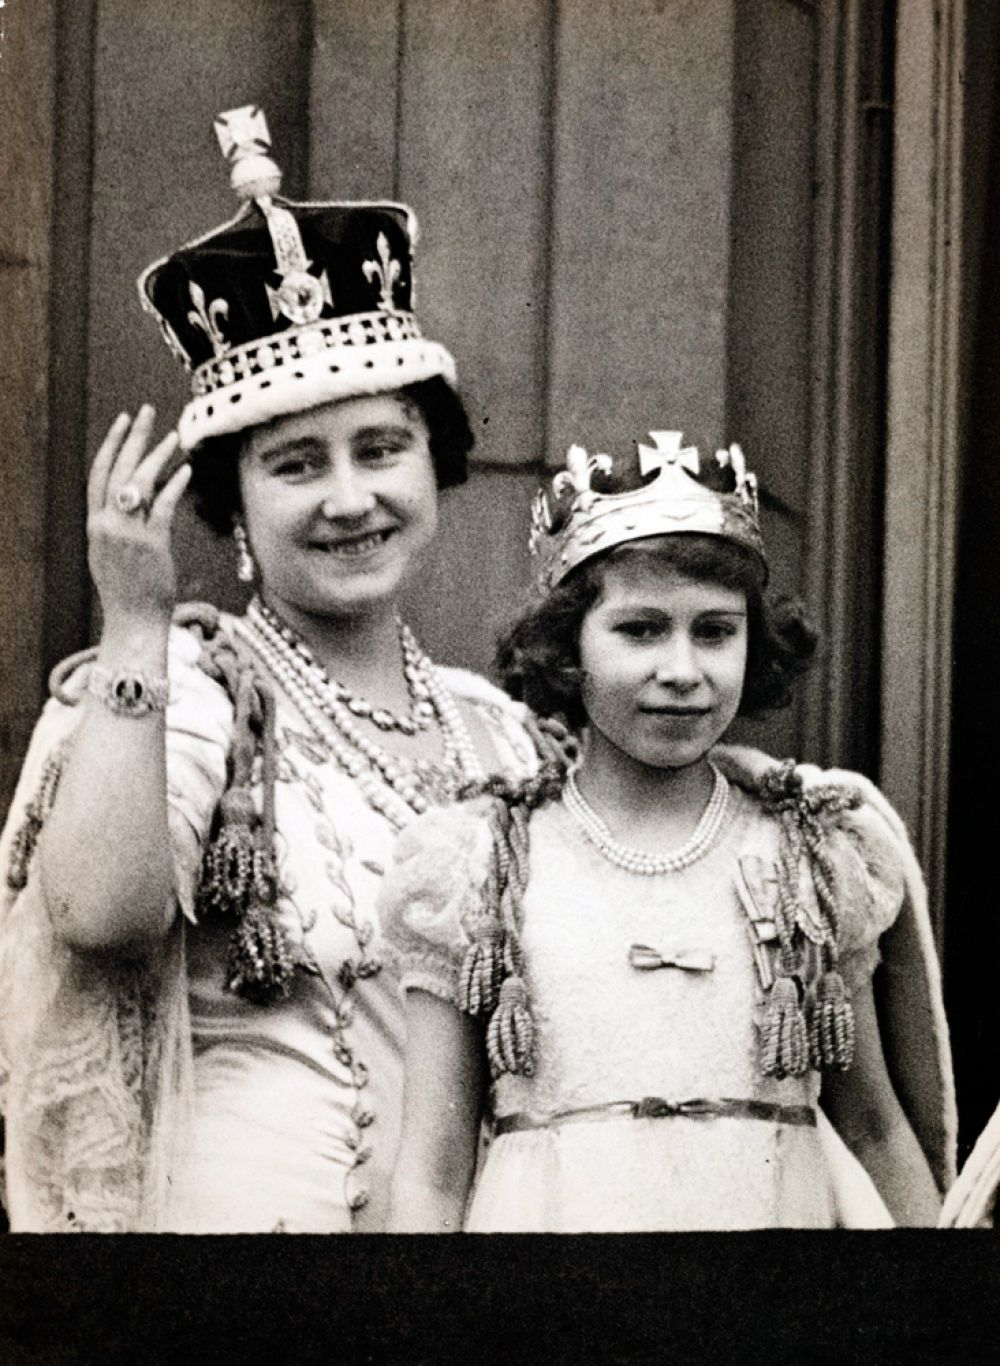 В первой половине дня королева назначает несколько встреч - с послами, епископами, судьями. Каждая занимает не более 15 минут. Вечером Елизавета II встречается с премьер-министром и знакомится с официальными бумагами. В конце дня она посещает выставки, концерты и другие мероприятия.